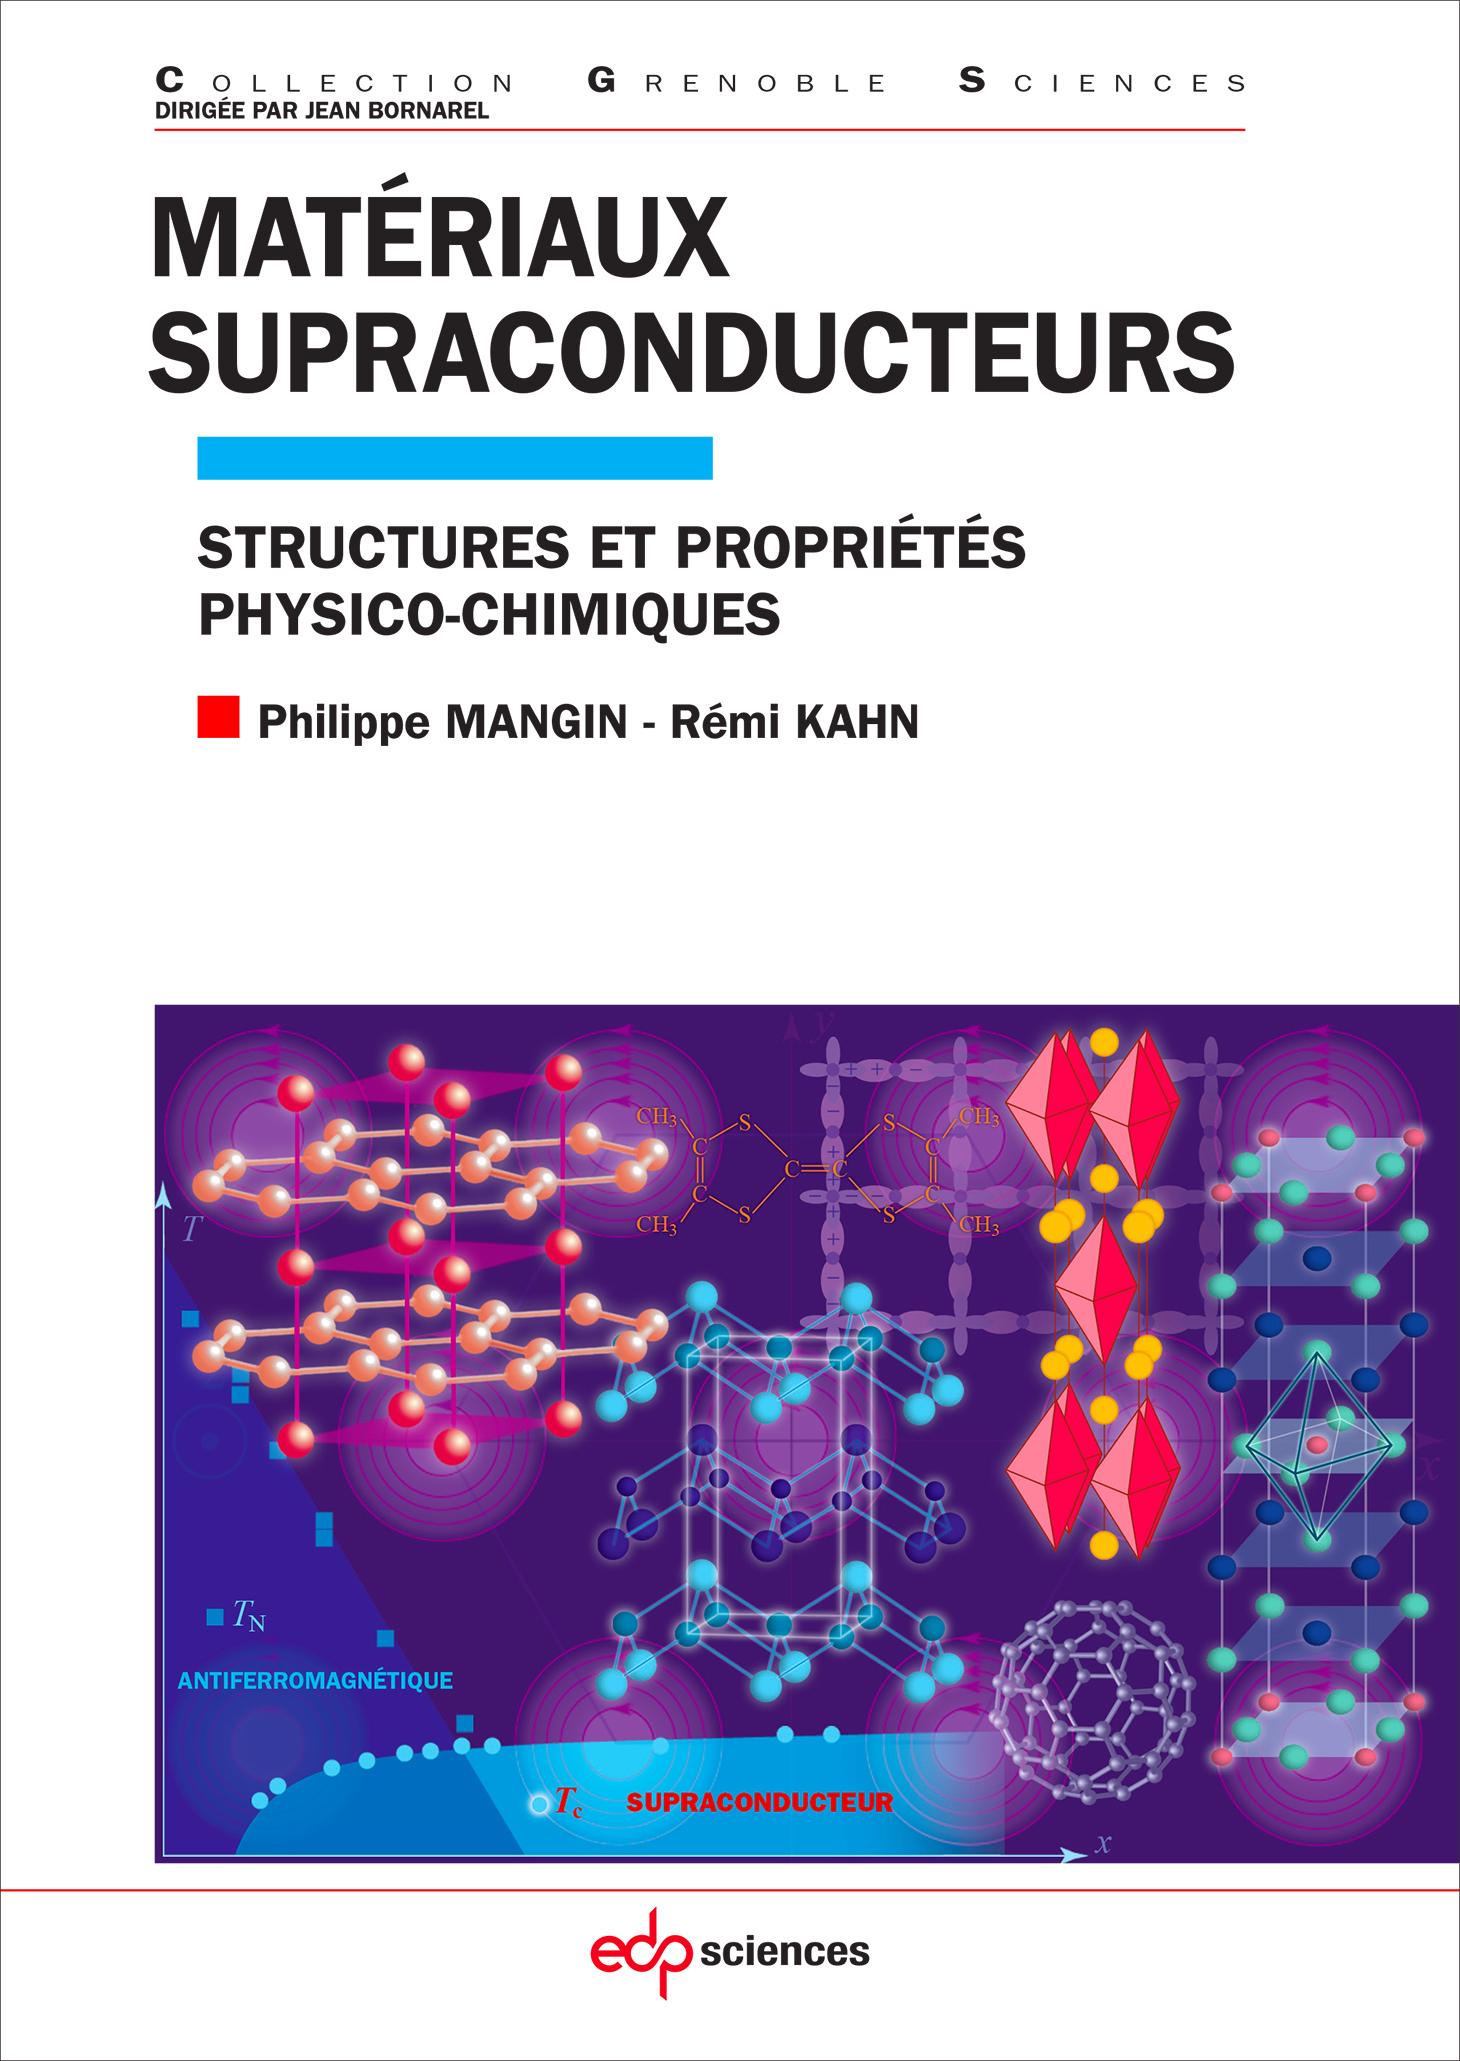 Structures et propriétés physico-chimiques